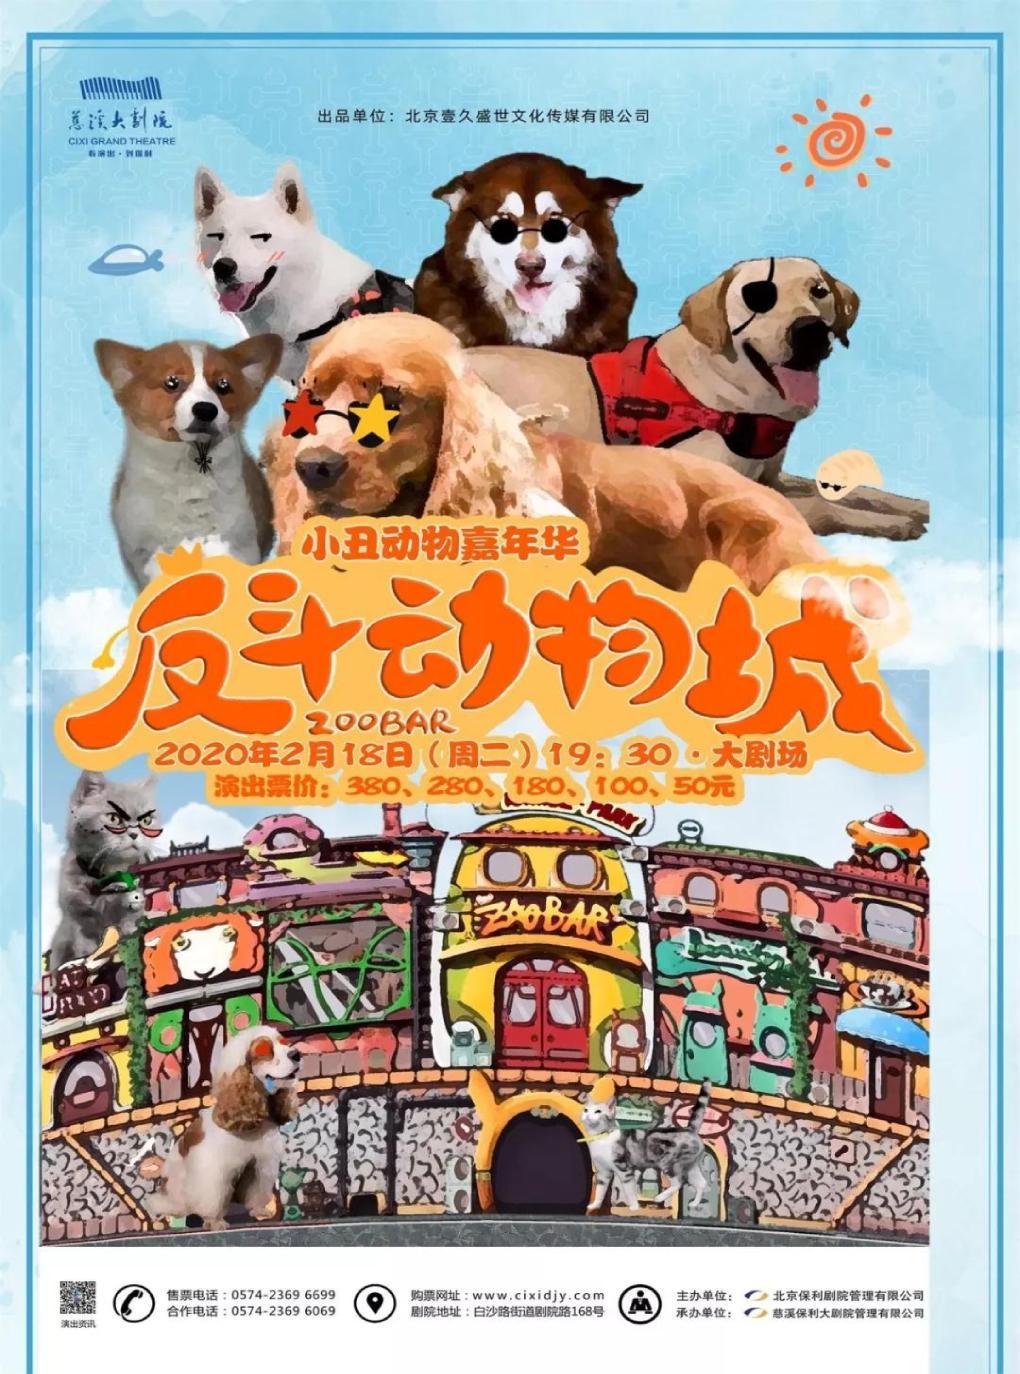 小丑动物嘉年华之反斗动物城